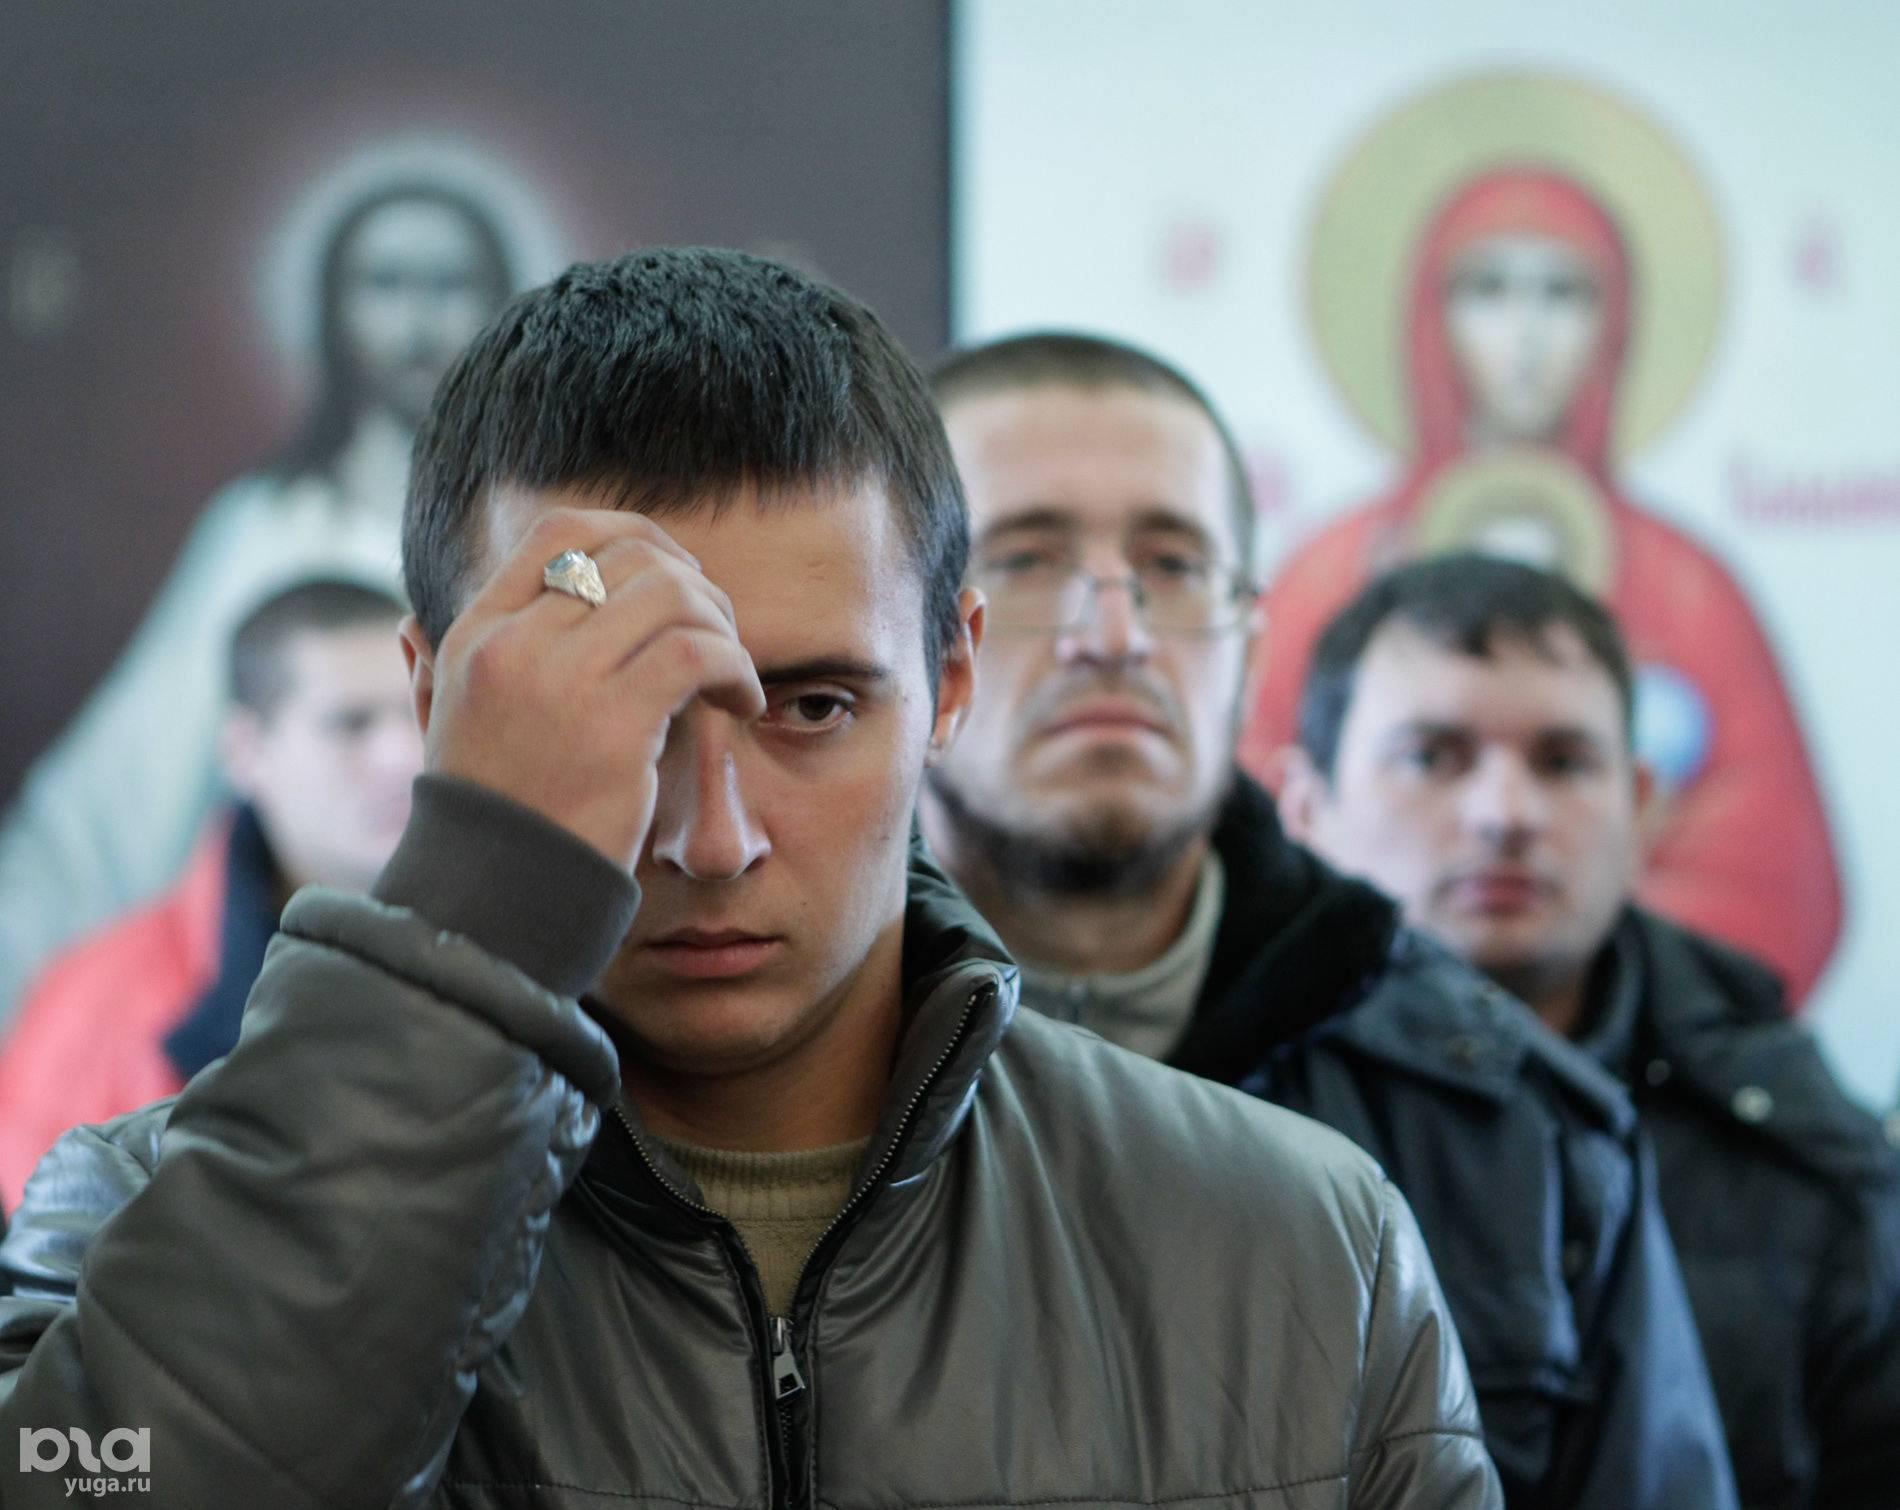 Как лечат наркоманов в церковных реабилитационных центрах — российская газета